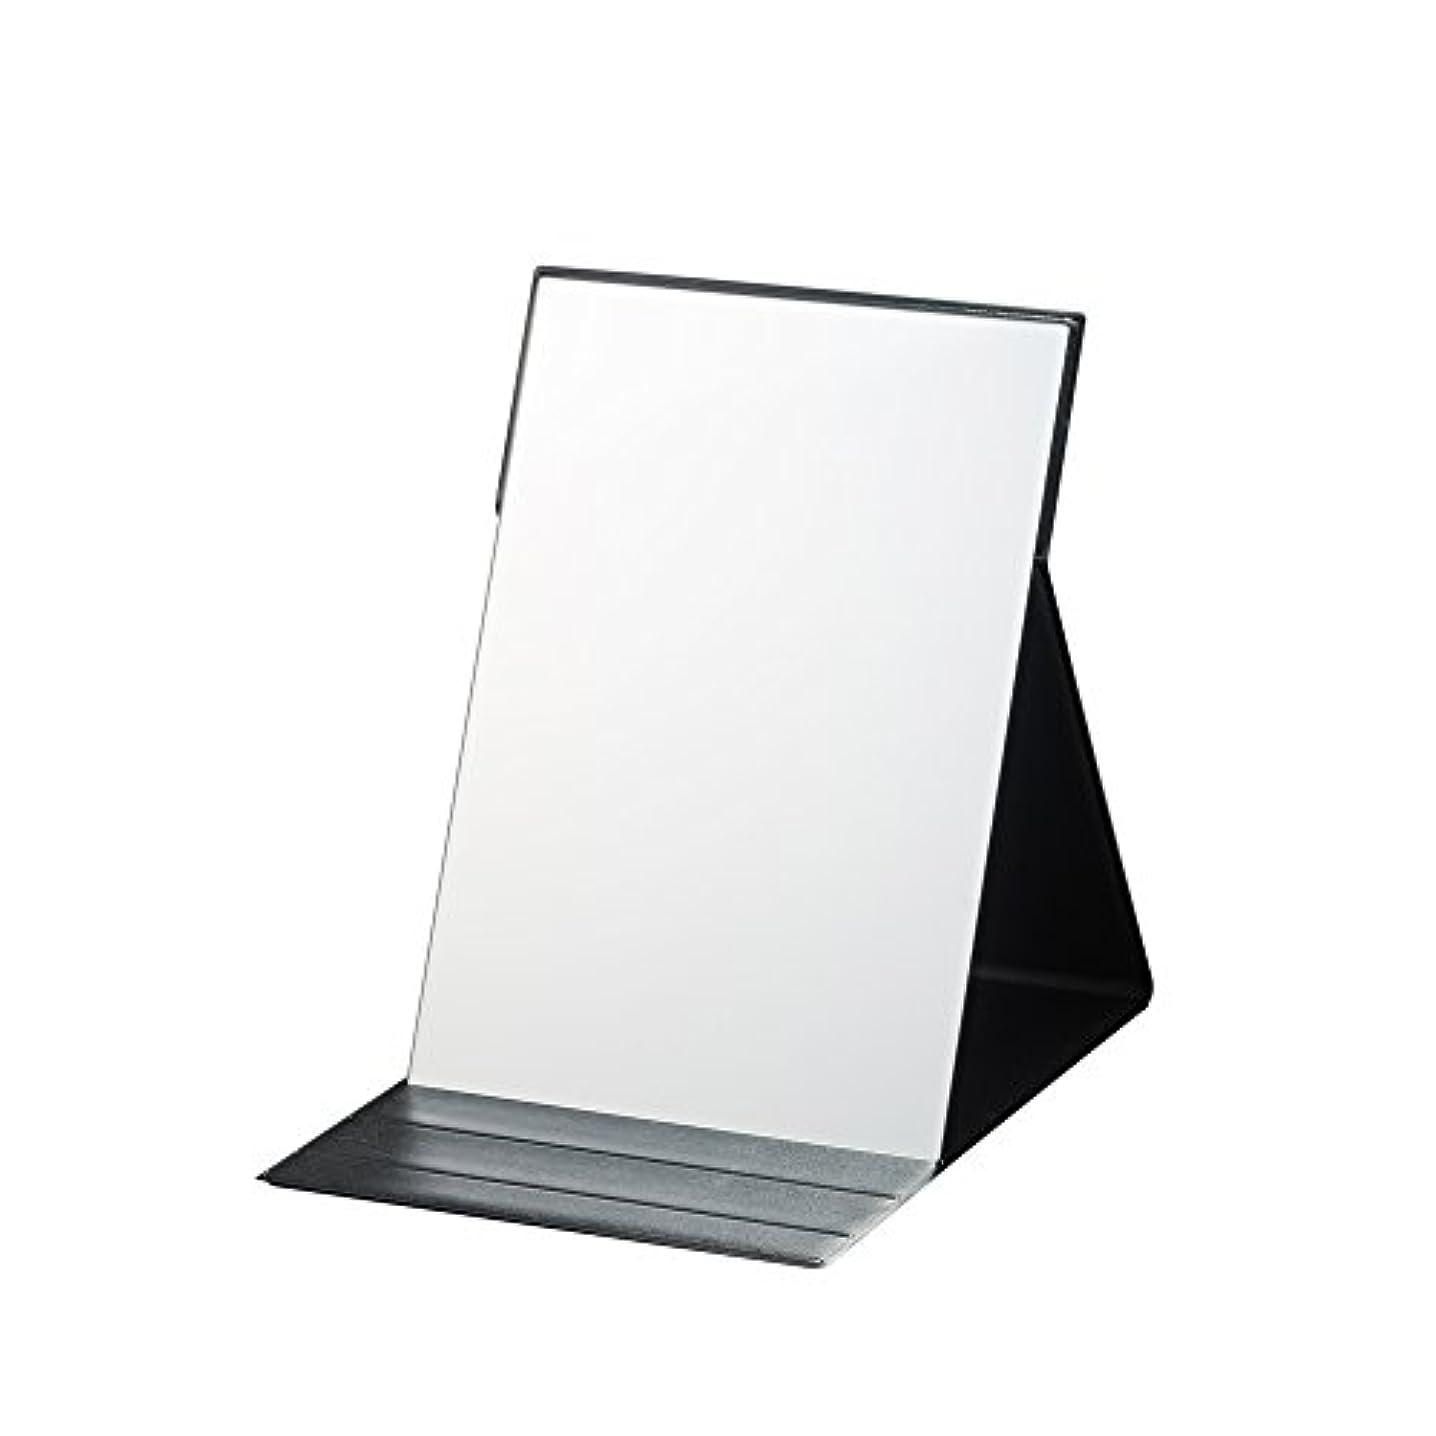 ナピュアミラー プロモデル折立ナピュアミラーLL ブラック AM-004BK